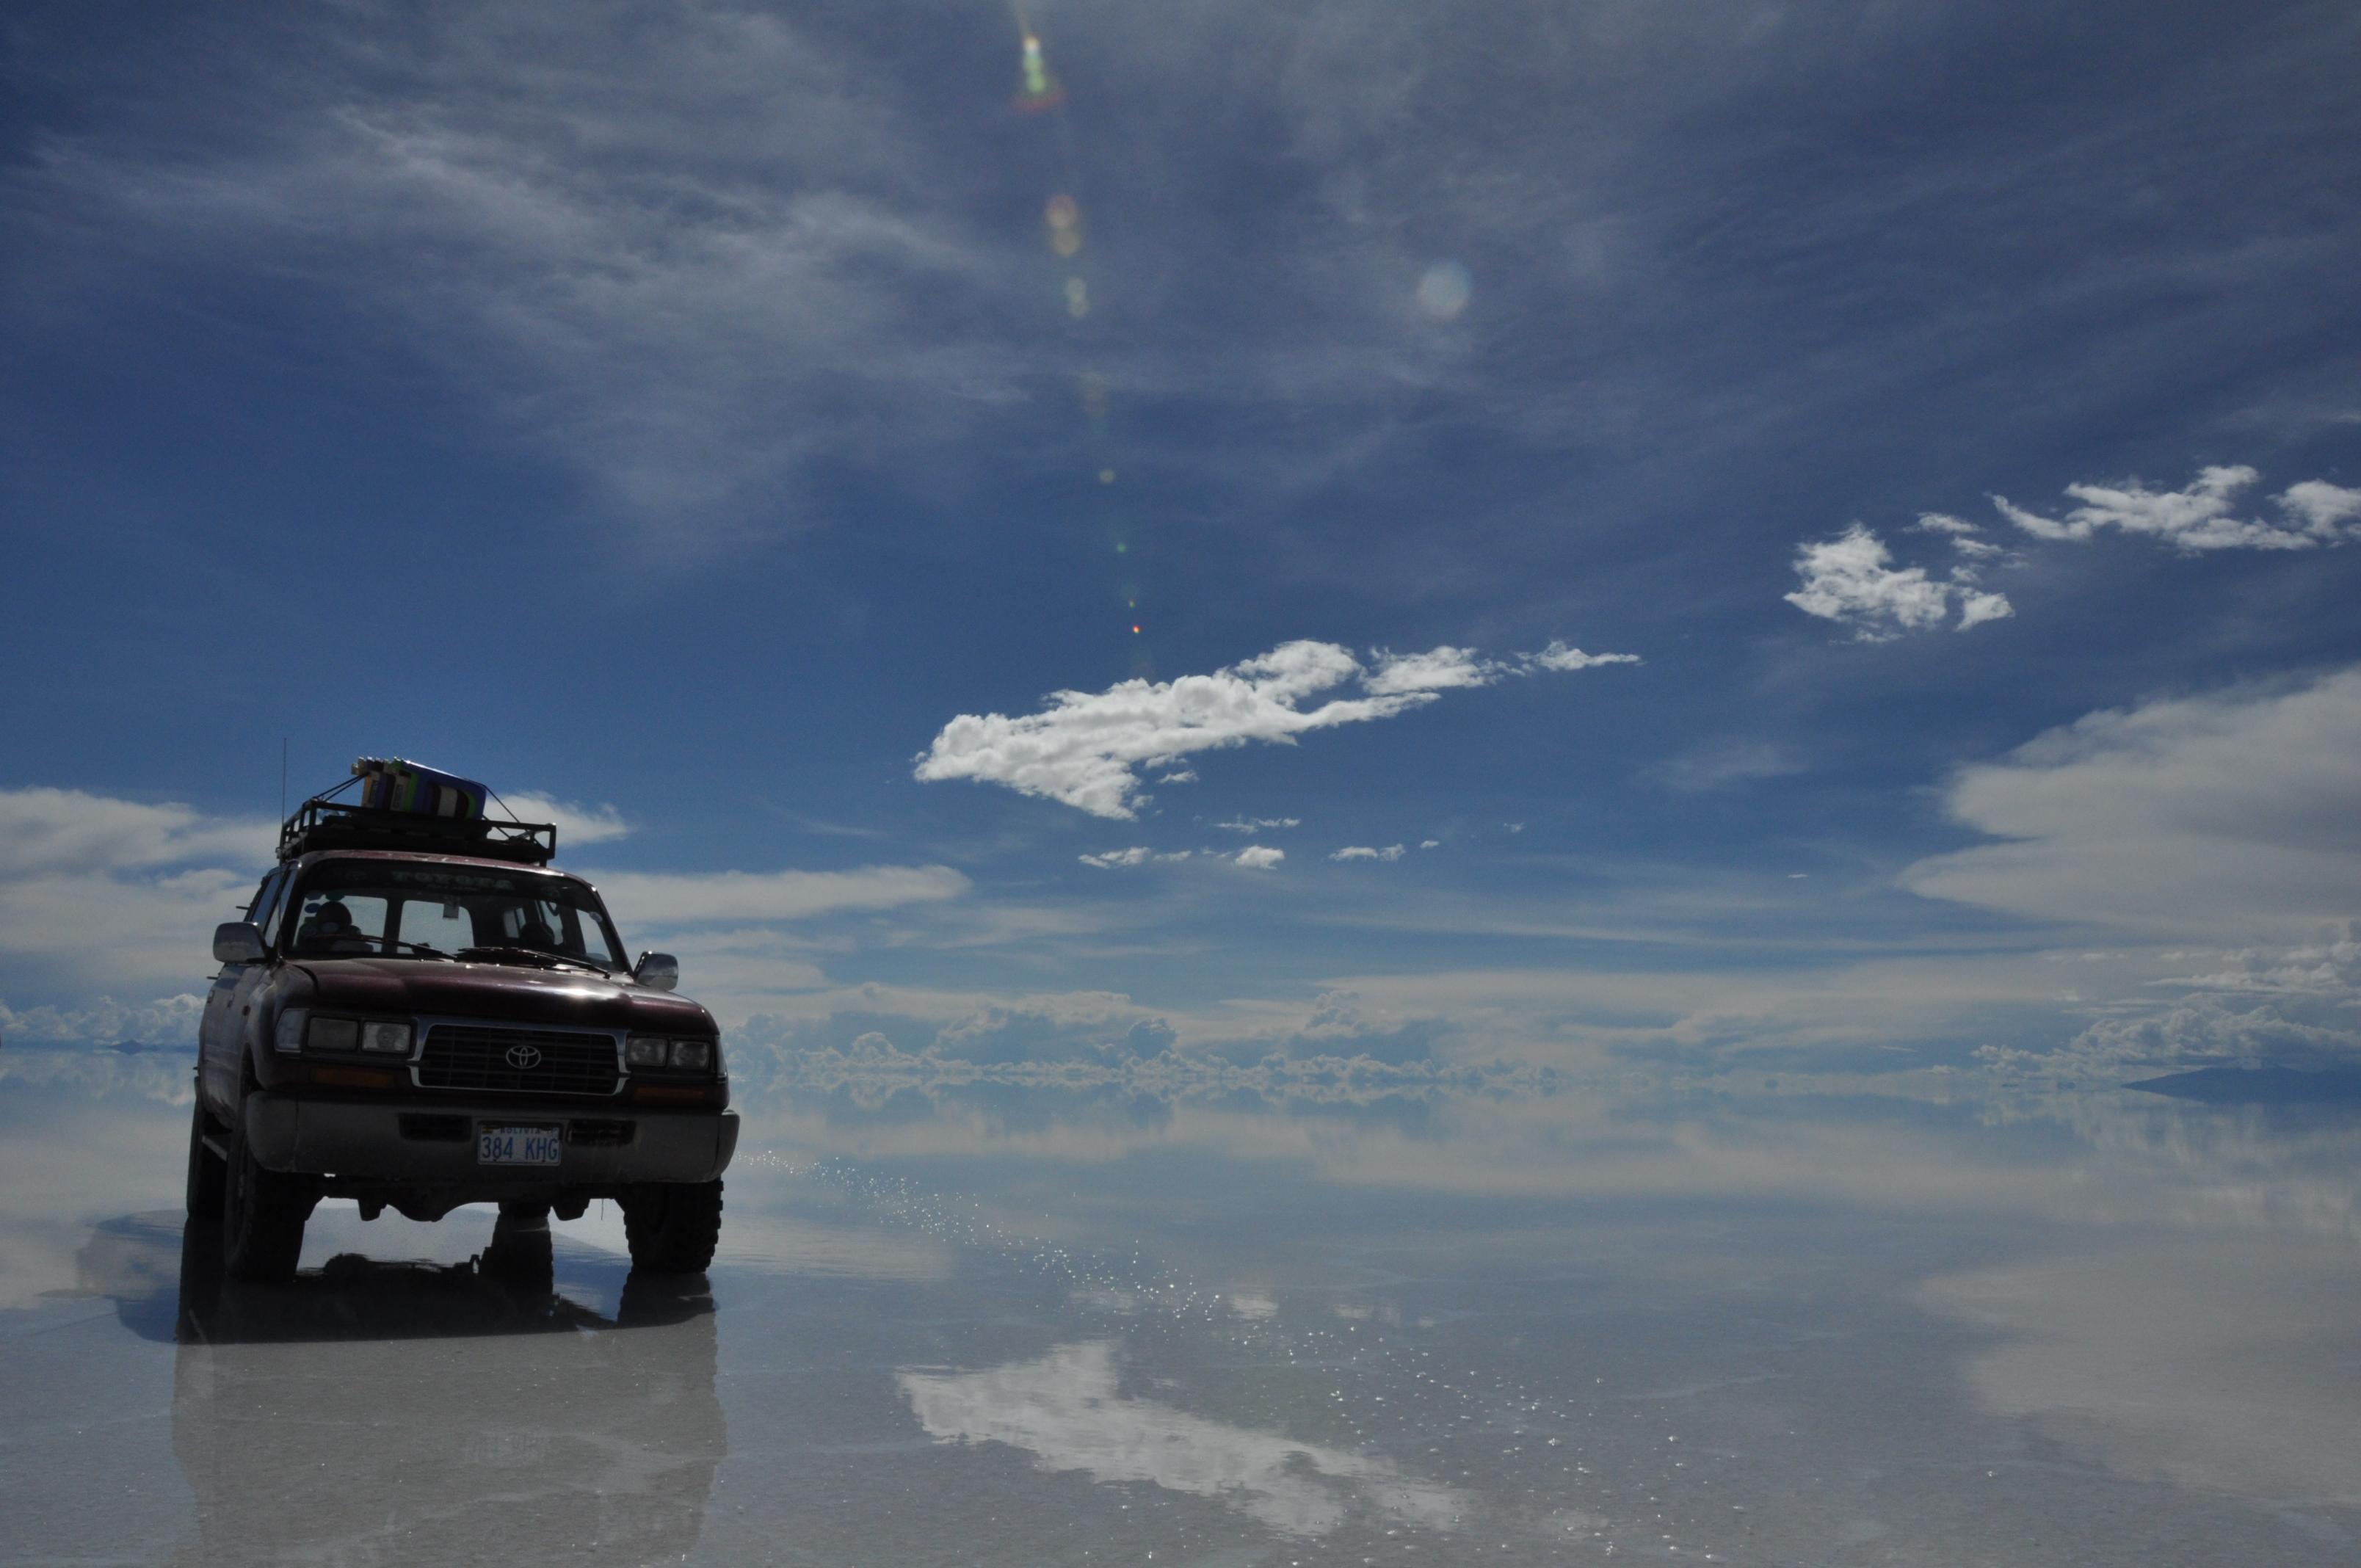 車とウユニ塩湖遺跡の壁紙